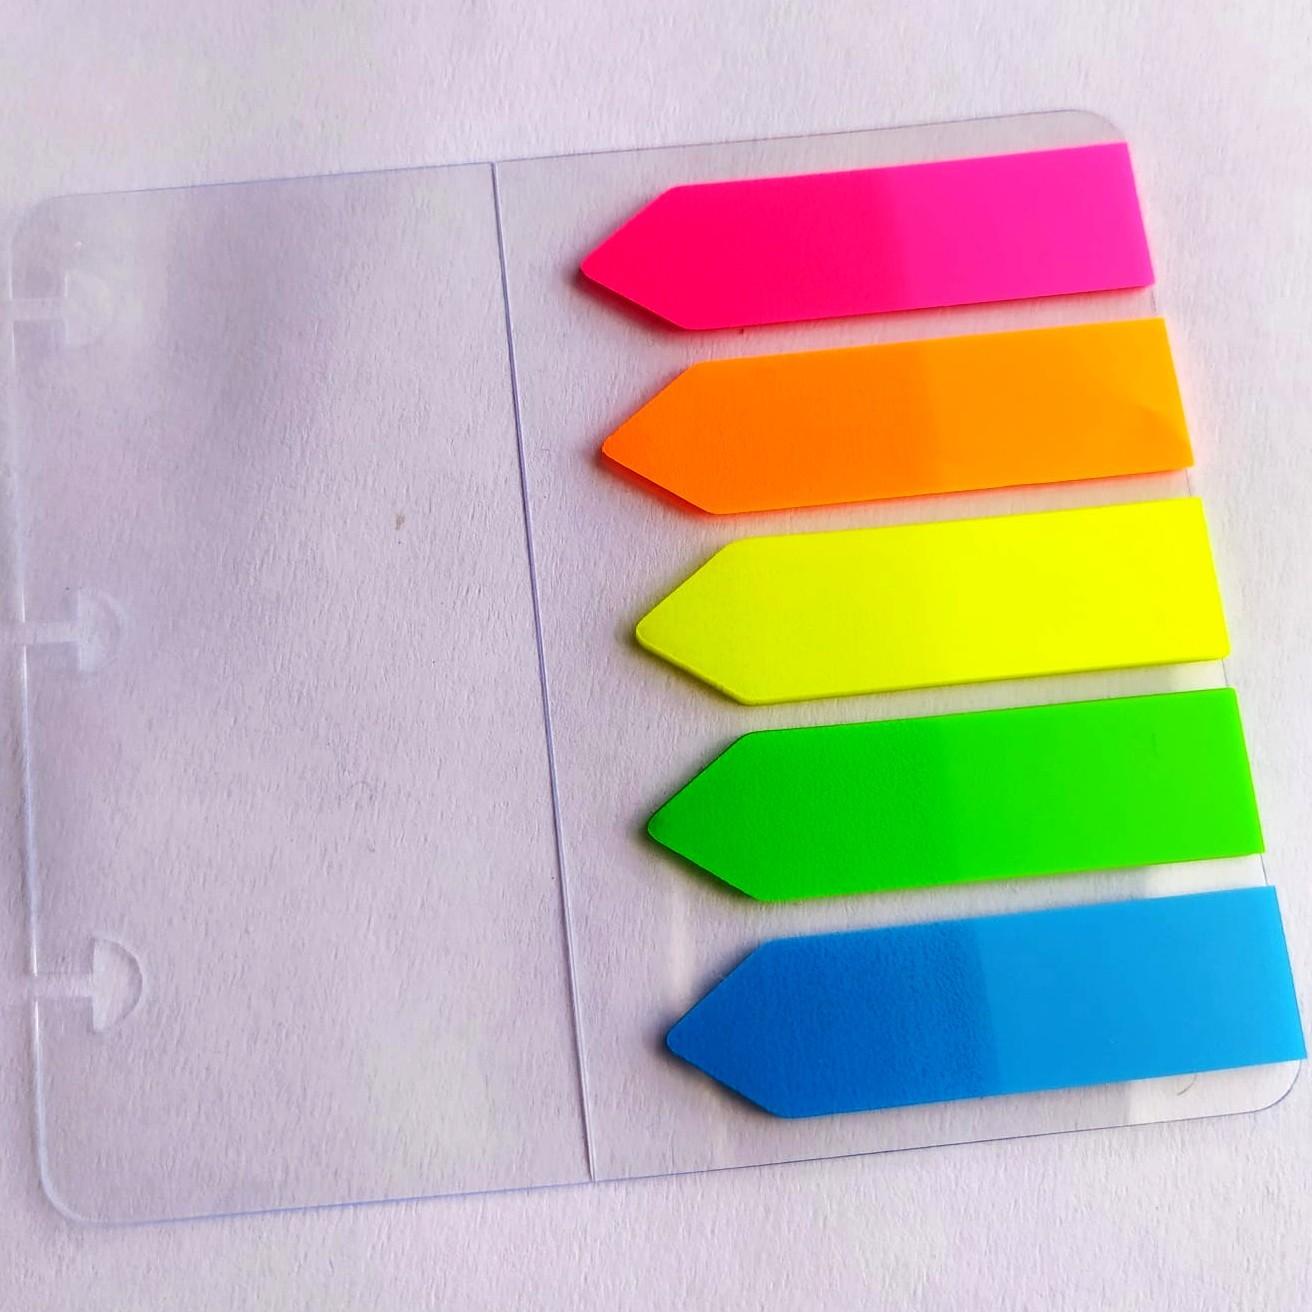 Adesivo Marca Página Neon Para Caderno Inteligente - Plástico Autocolante Amor Infinito Cadernos